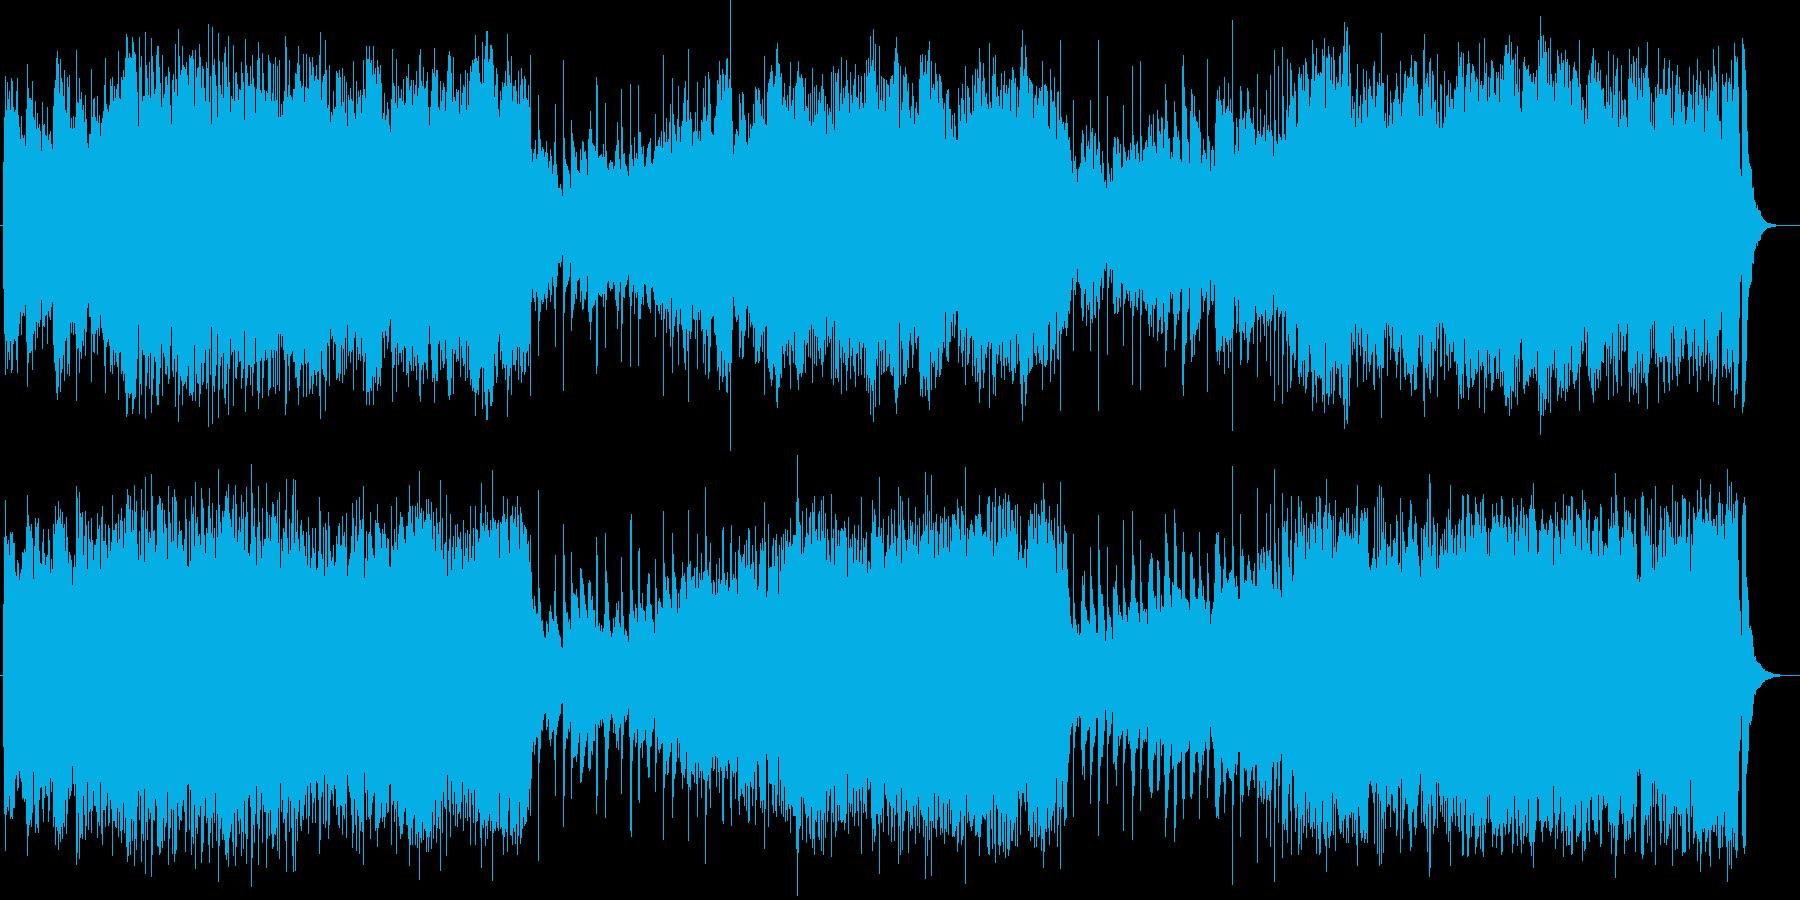 かっこよく壮大でダークなバトル音楽の再生済みの波形